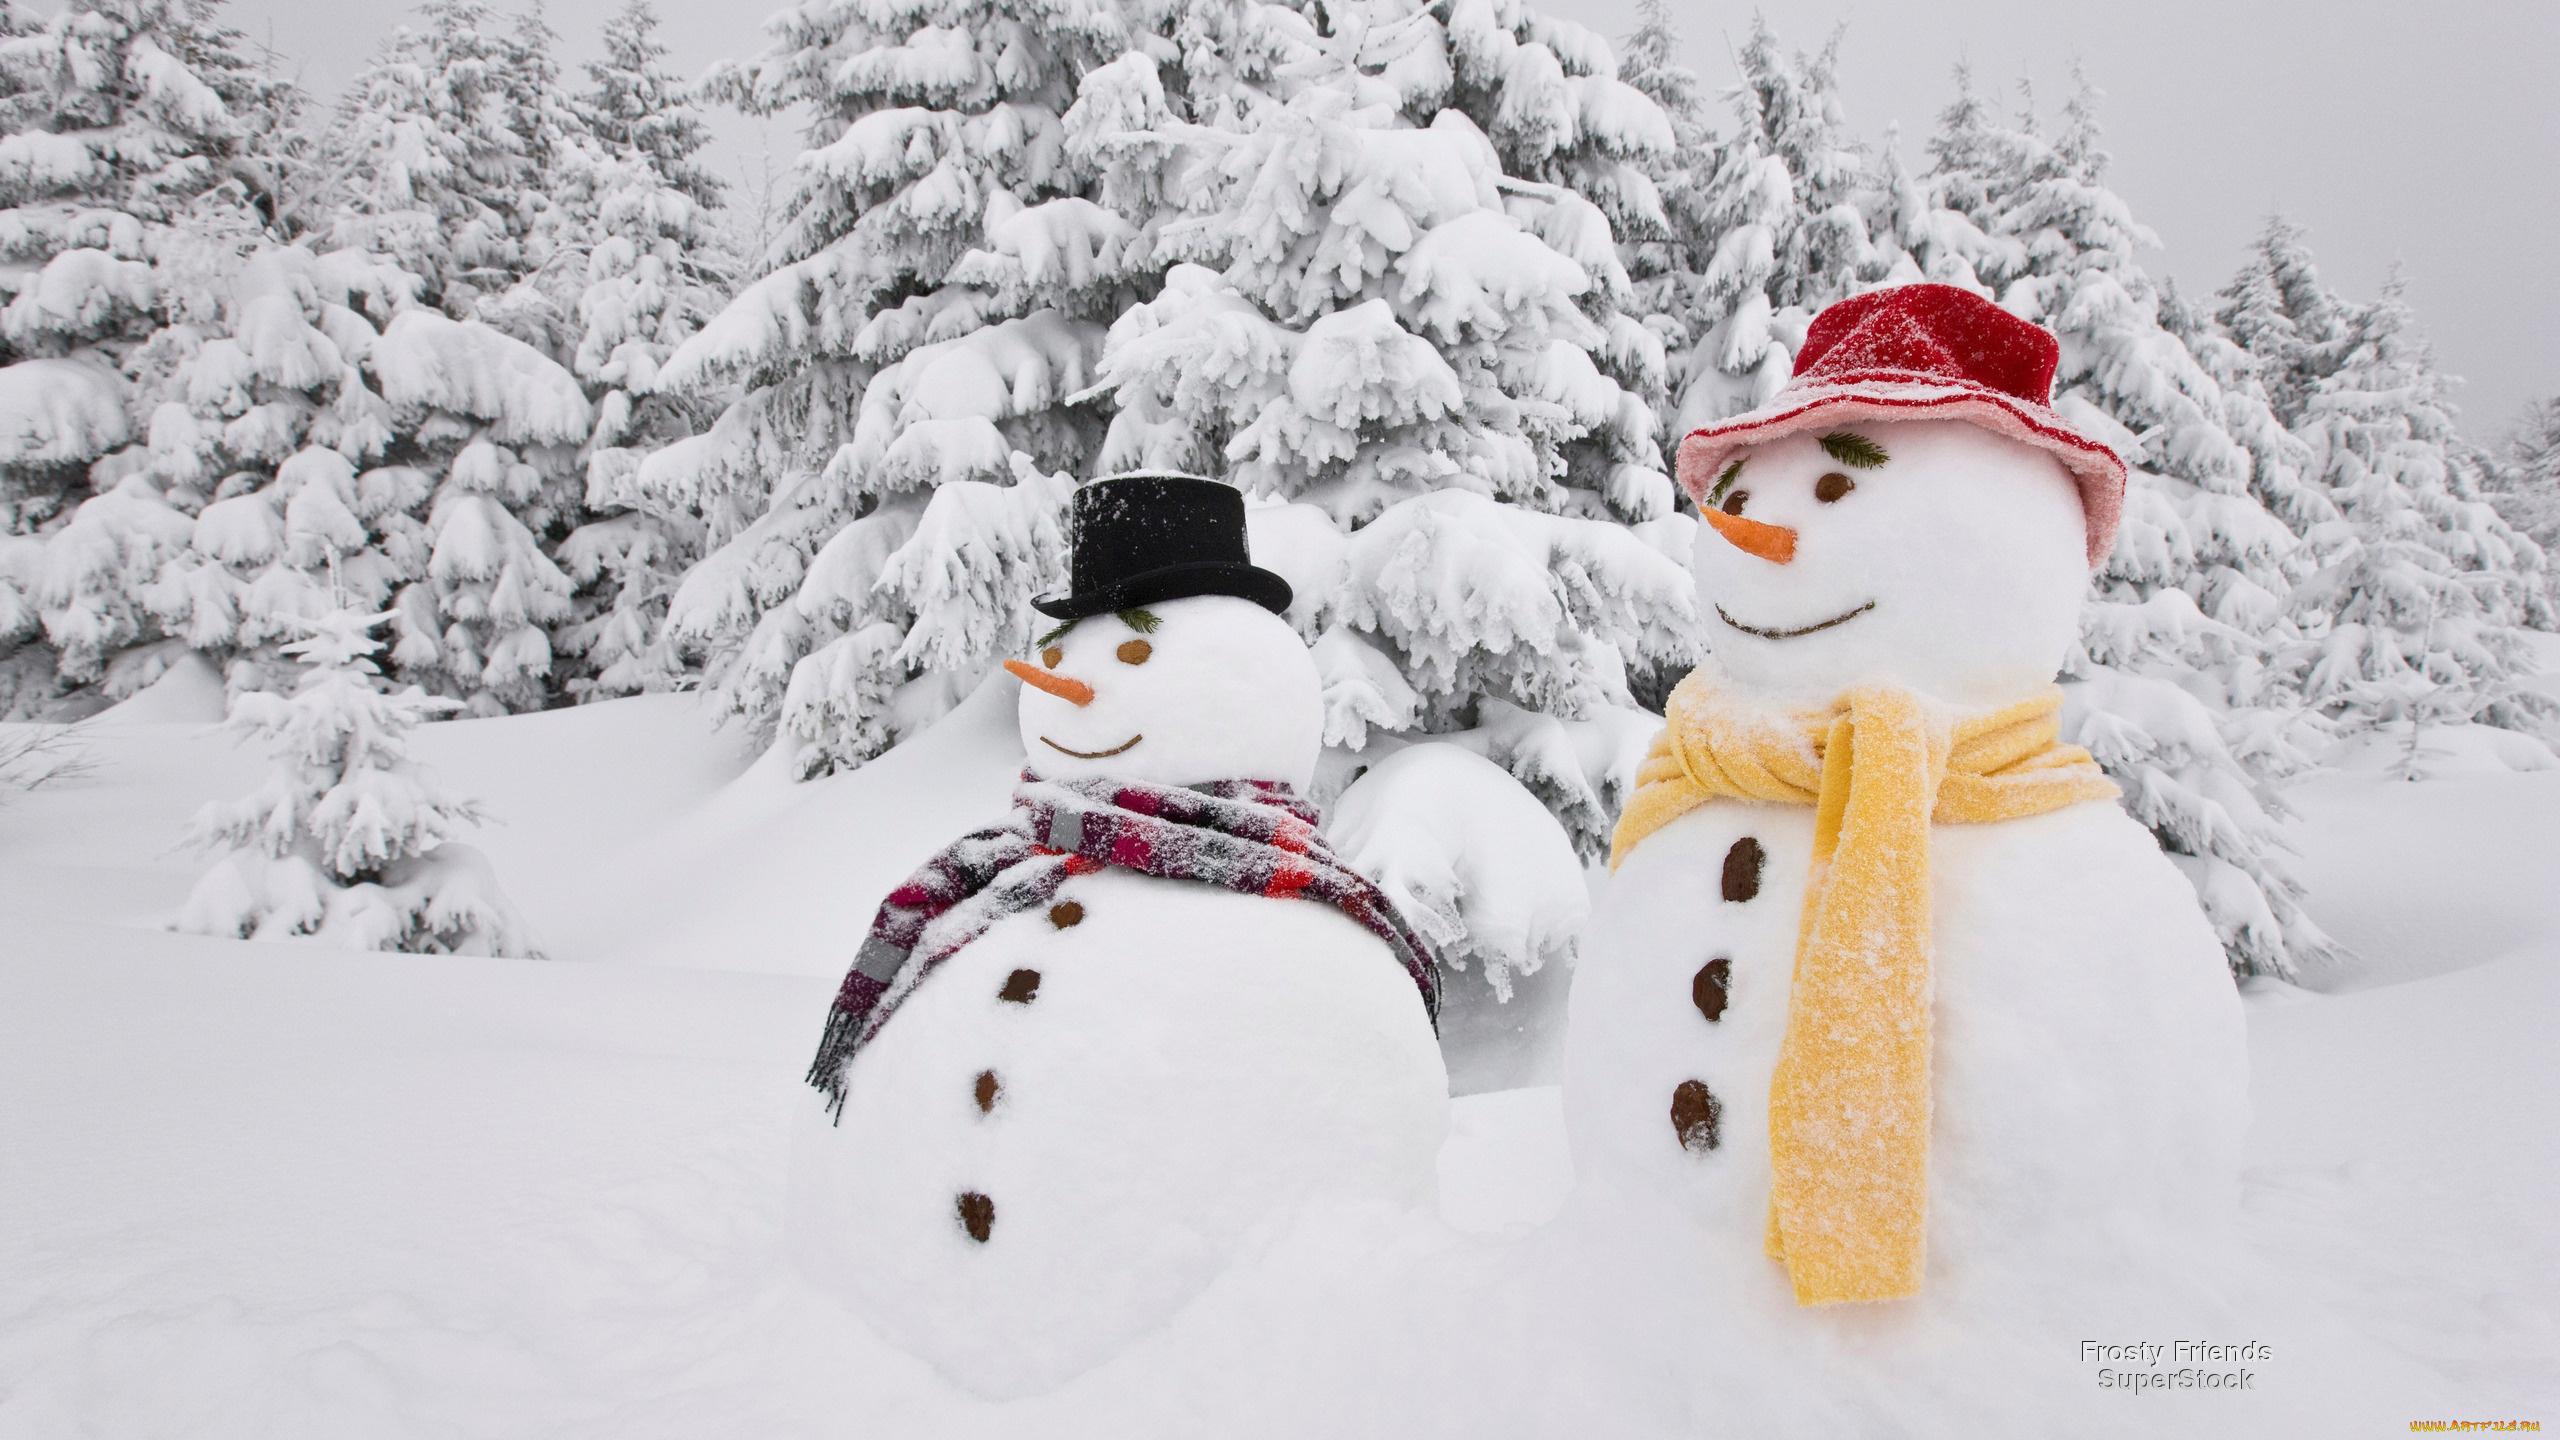 бесплатные обои на рабочий стол зима и новый год